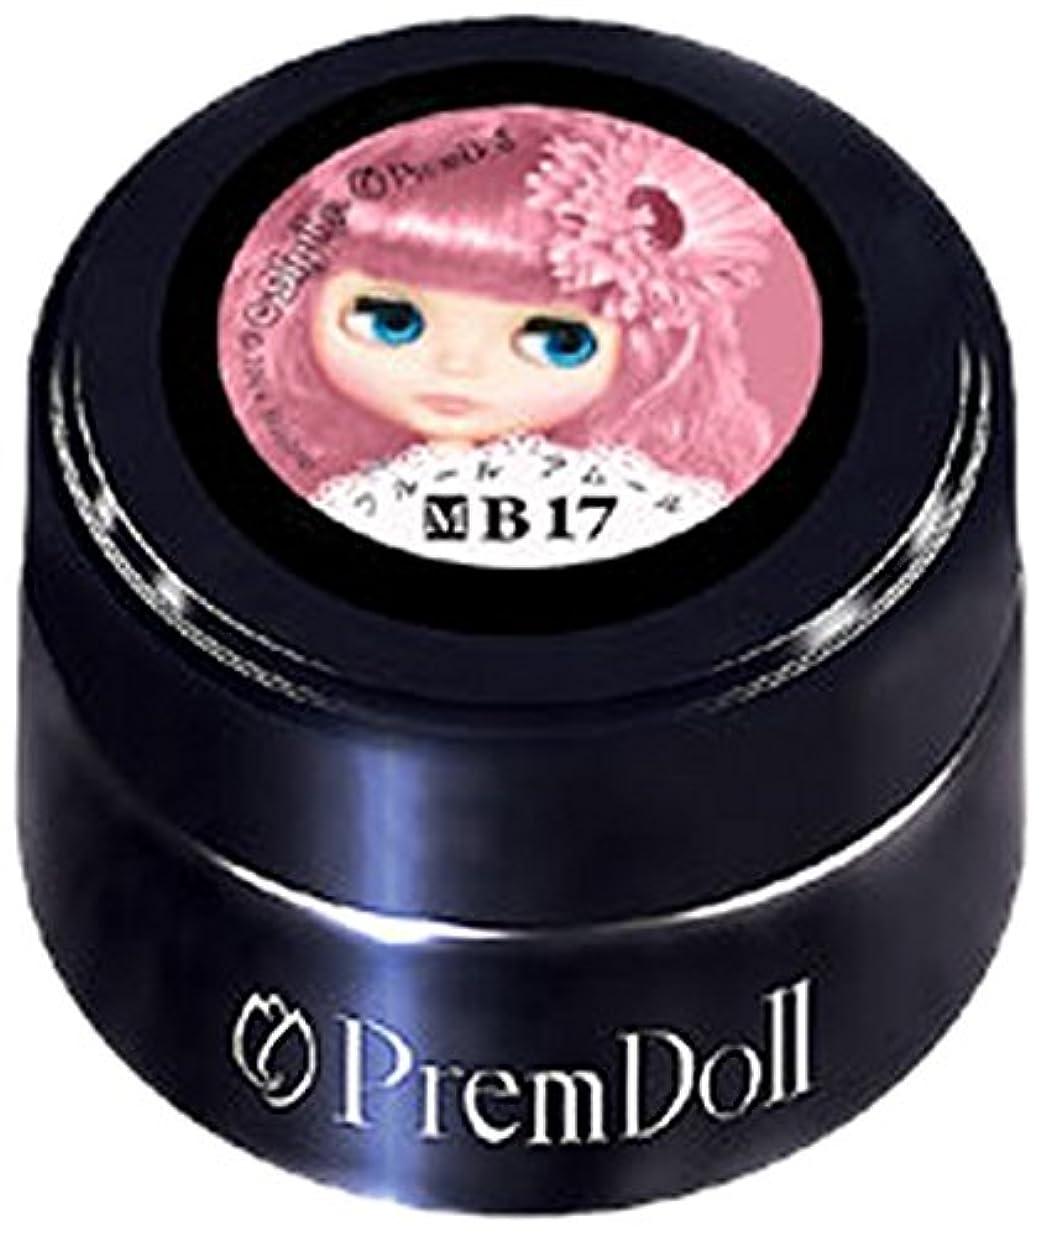 高揚した指令ご近所プリジェル ジェルネイル プリムドール フルールアムール 3g DOLL-B17 PREGEL×Blythe(ブライス)コラボレーション第2弾 カラージェル UV/LED対応